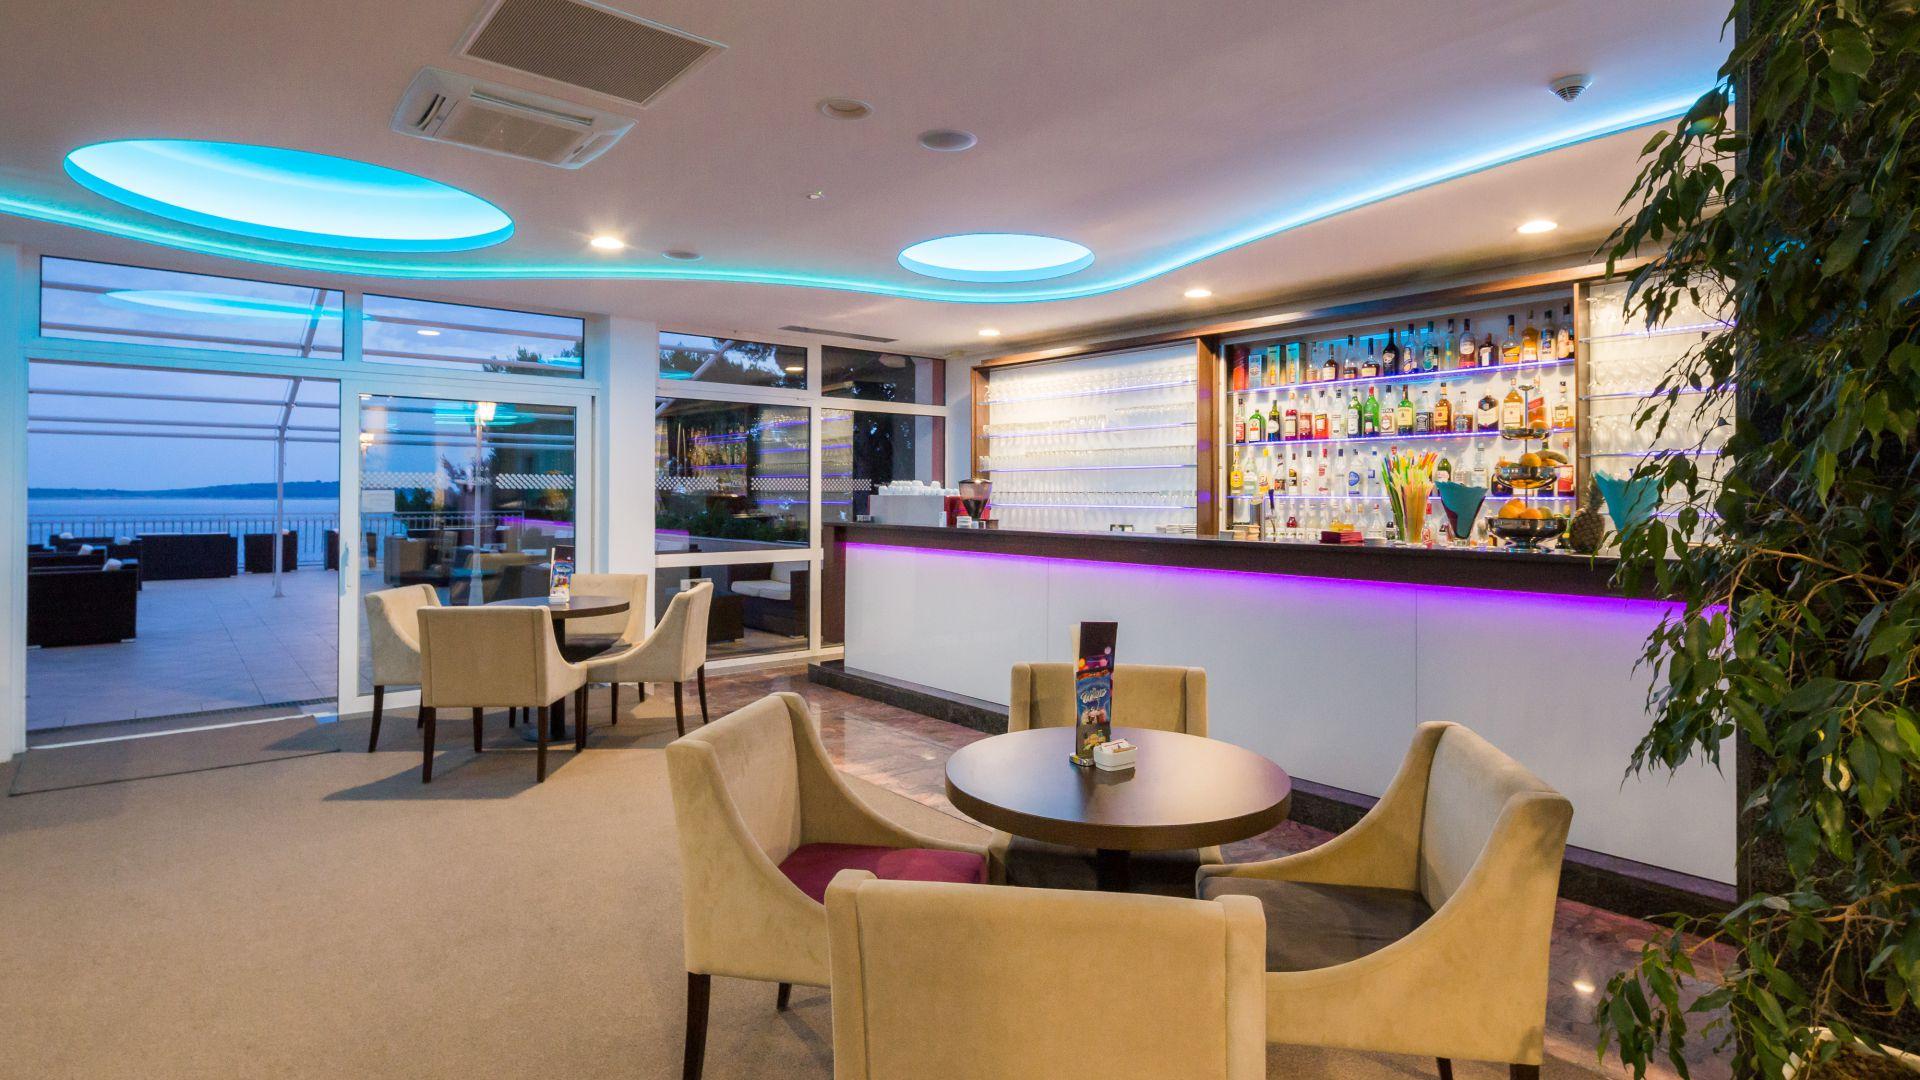 aperitif bar 05 14639086968 o - Zora Hotel